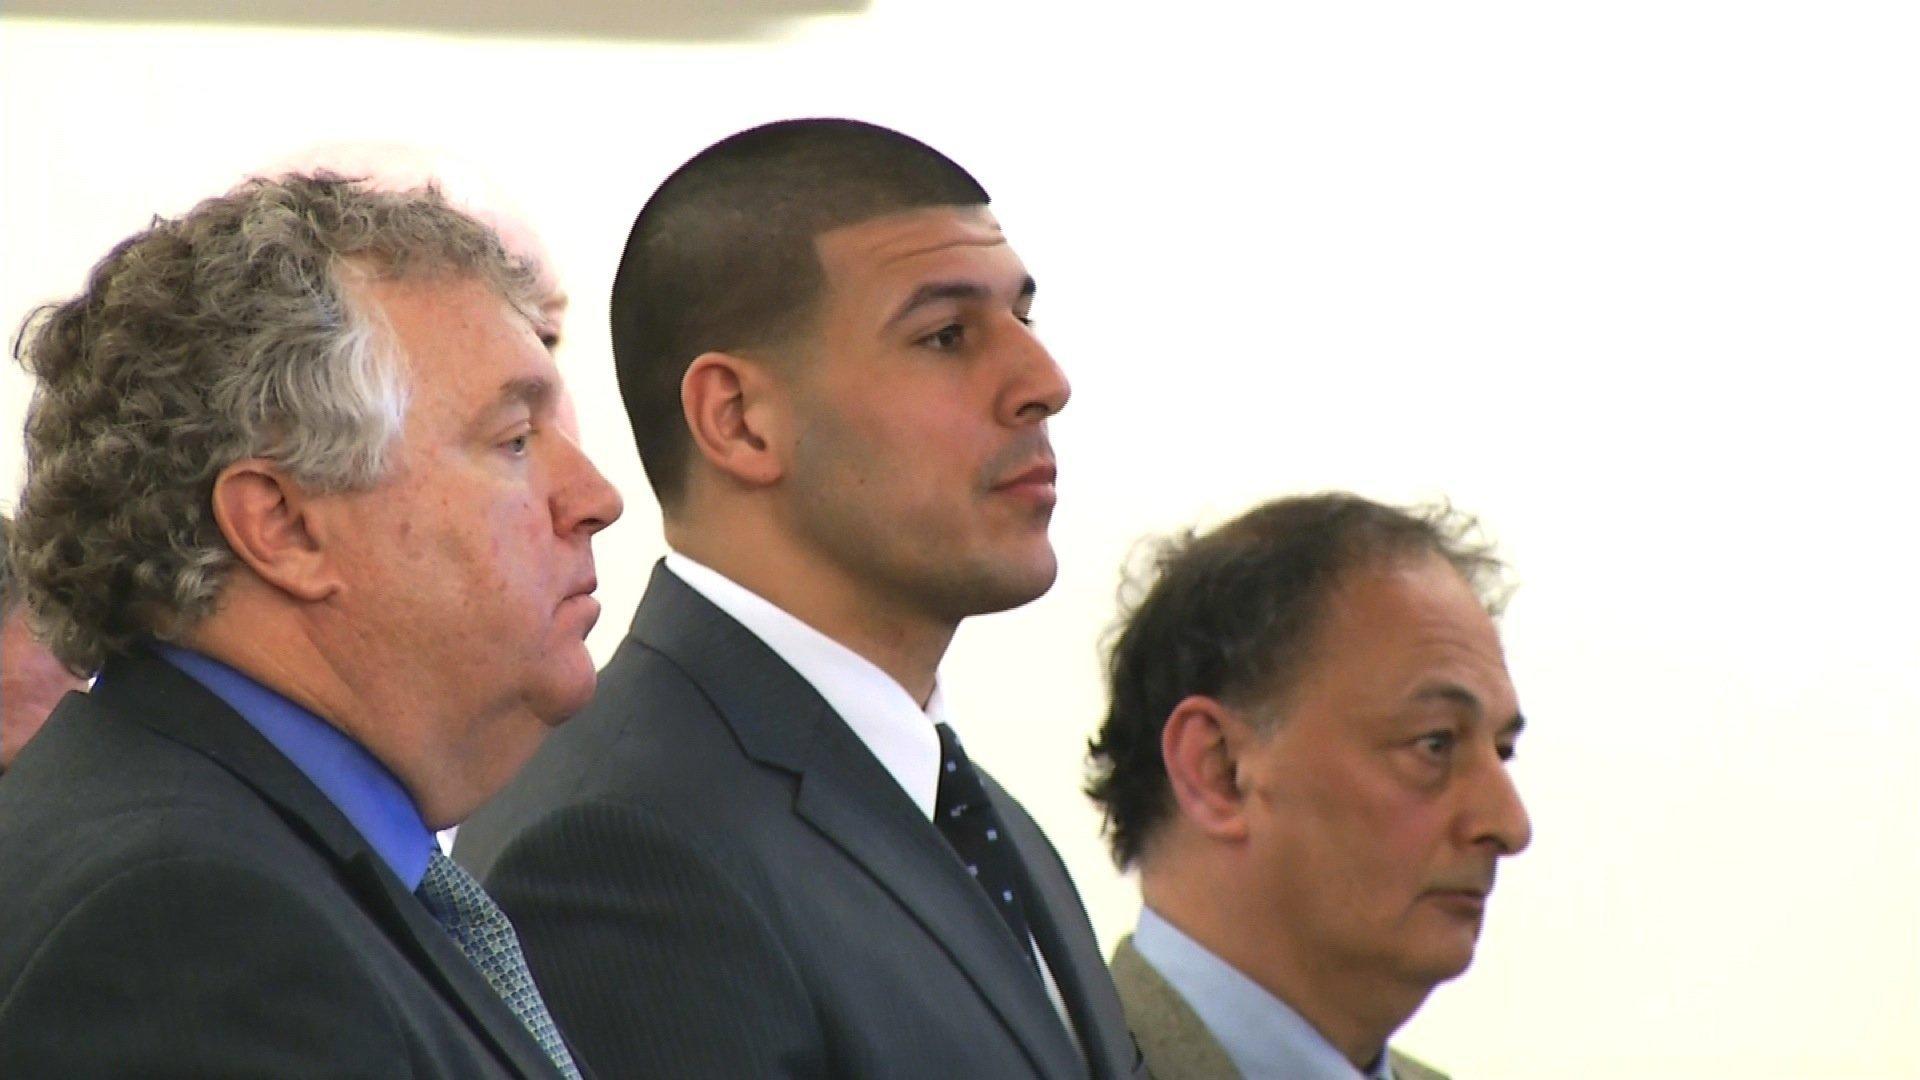 Inmates believe Hernandez was leaving